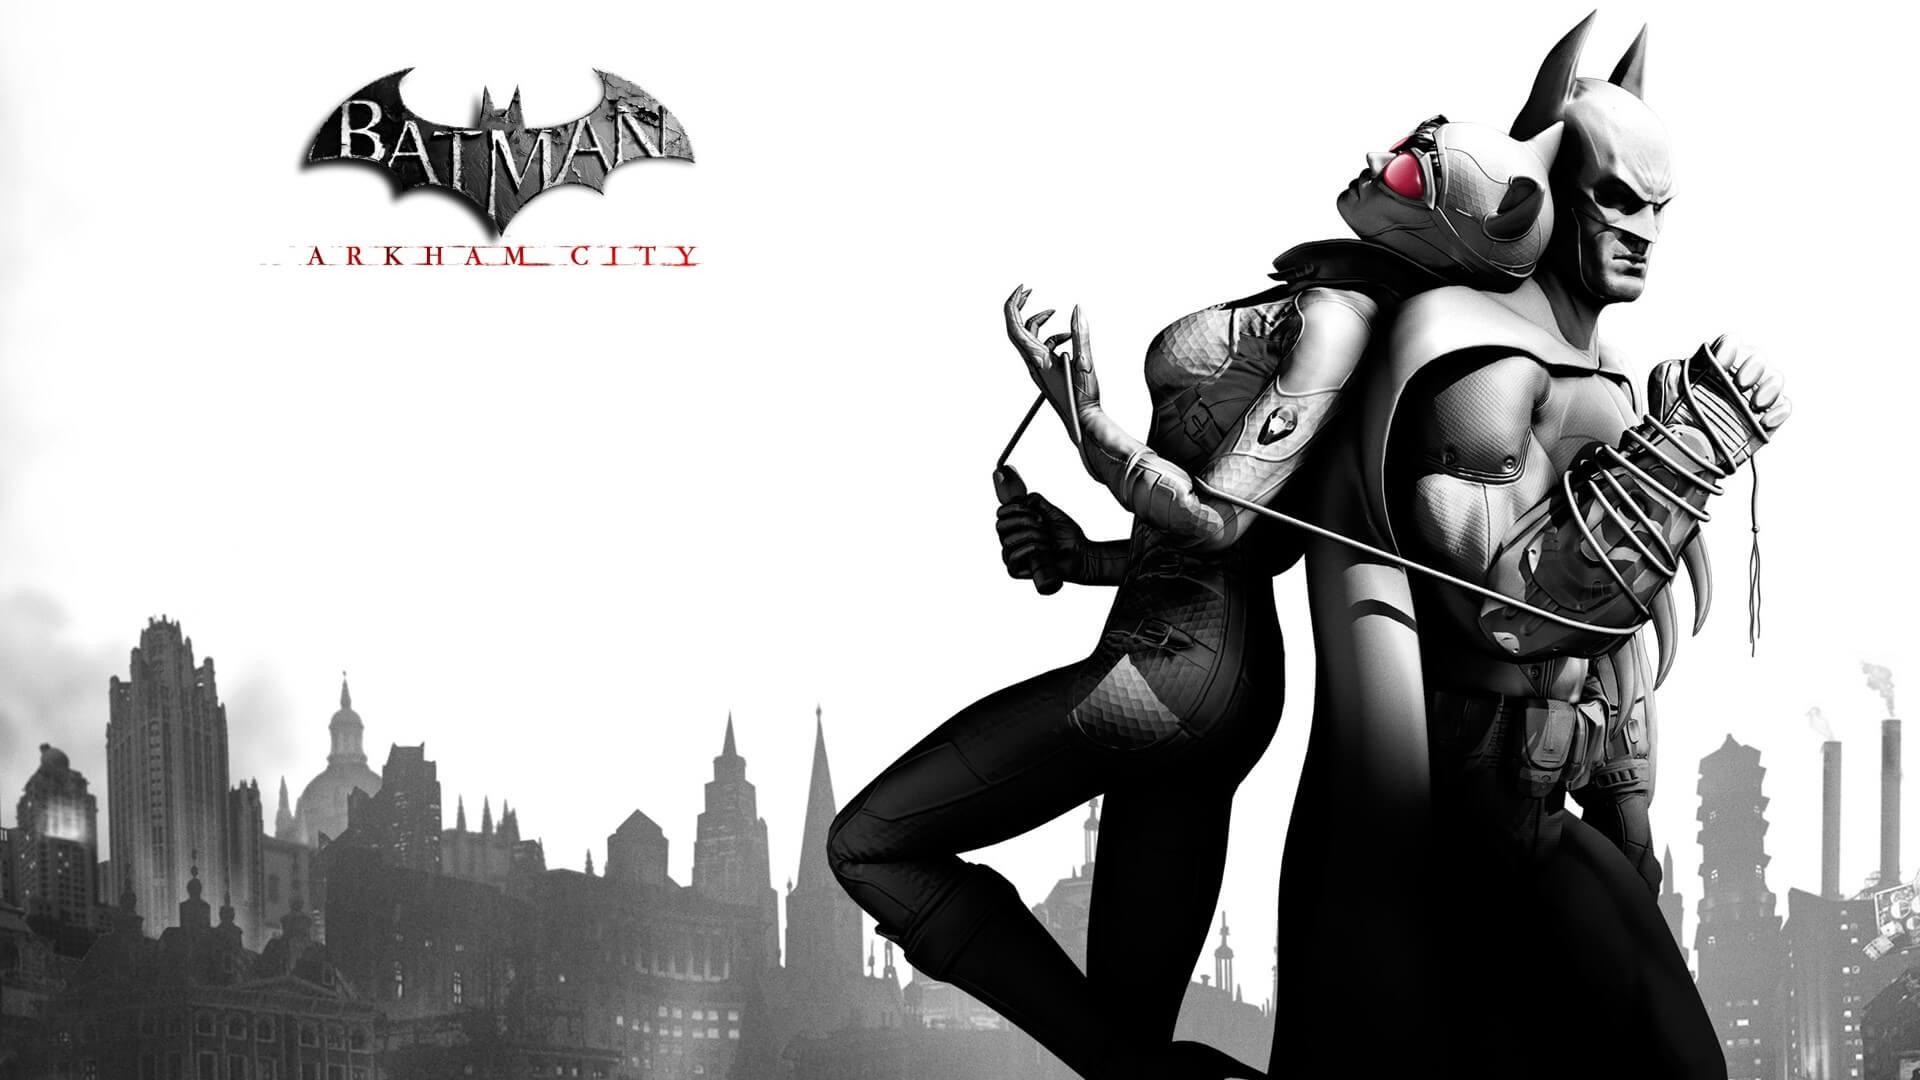 『バットマン アーカム・シティ』の壁紙。バットマンとワイヤーで繋がれたキャットウーマン。